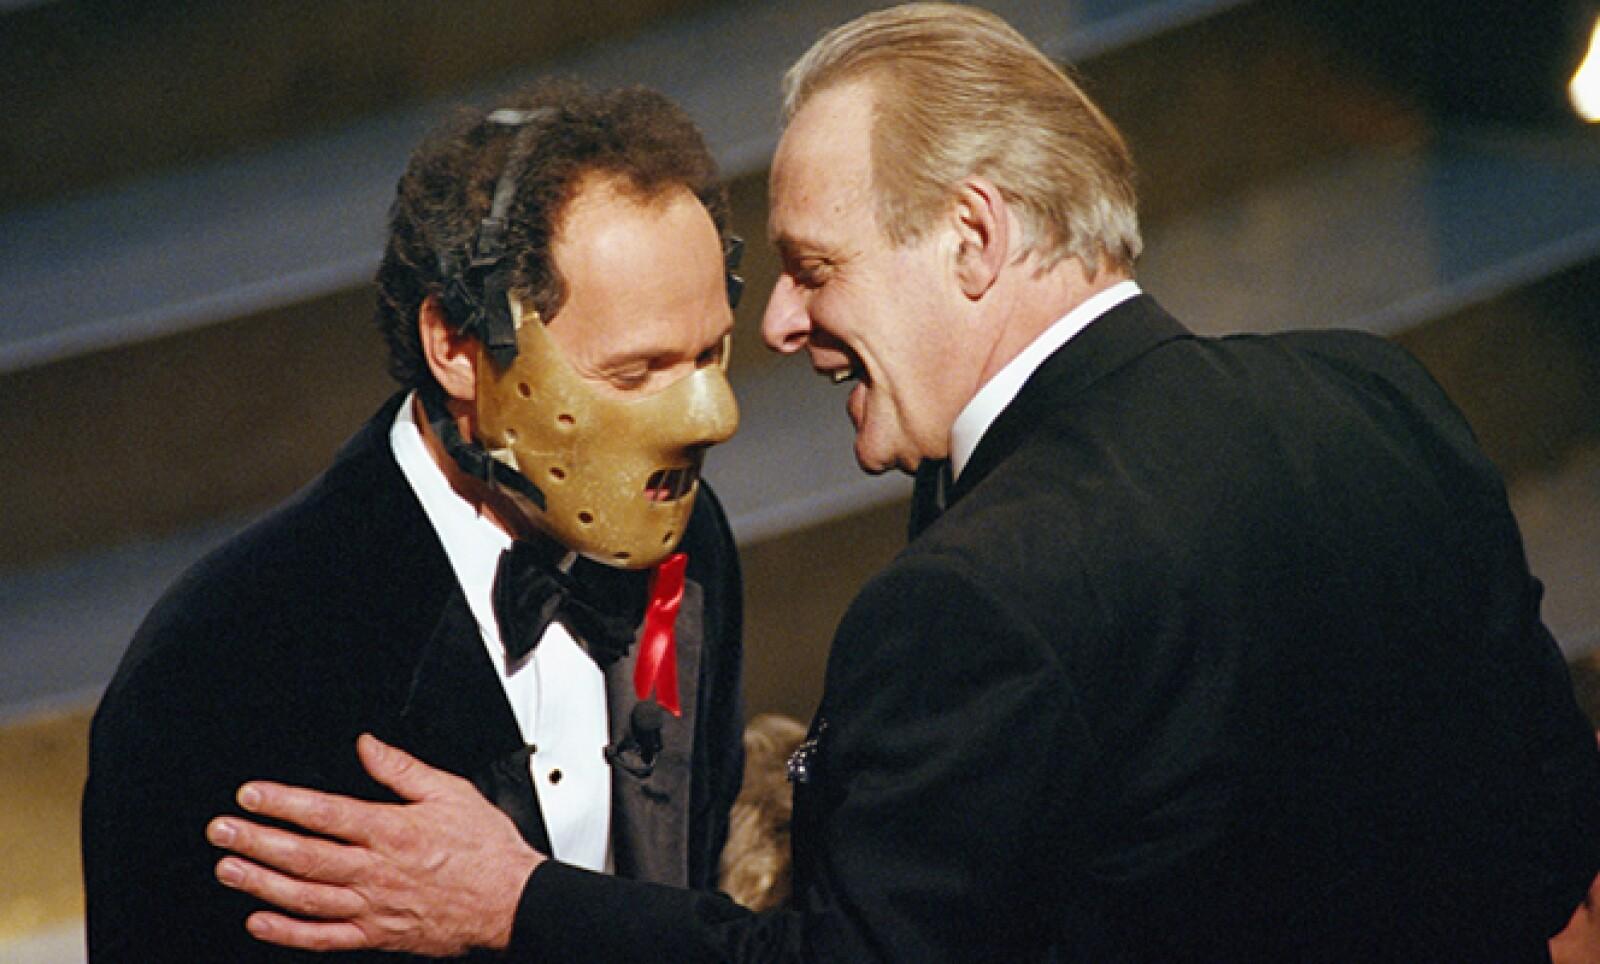 En 1992 el actor Billy Cristal, quien fungió como maestro de ceremonias, usó la emblemática máscara de Hannibal Lecter. Ese año Anthony Hopkins fue nominado por su papel en El Silencio de los Inocentes.